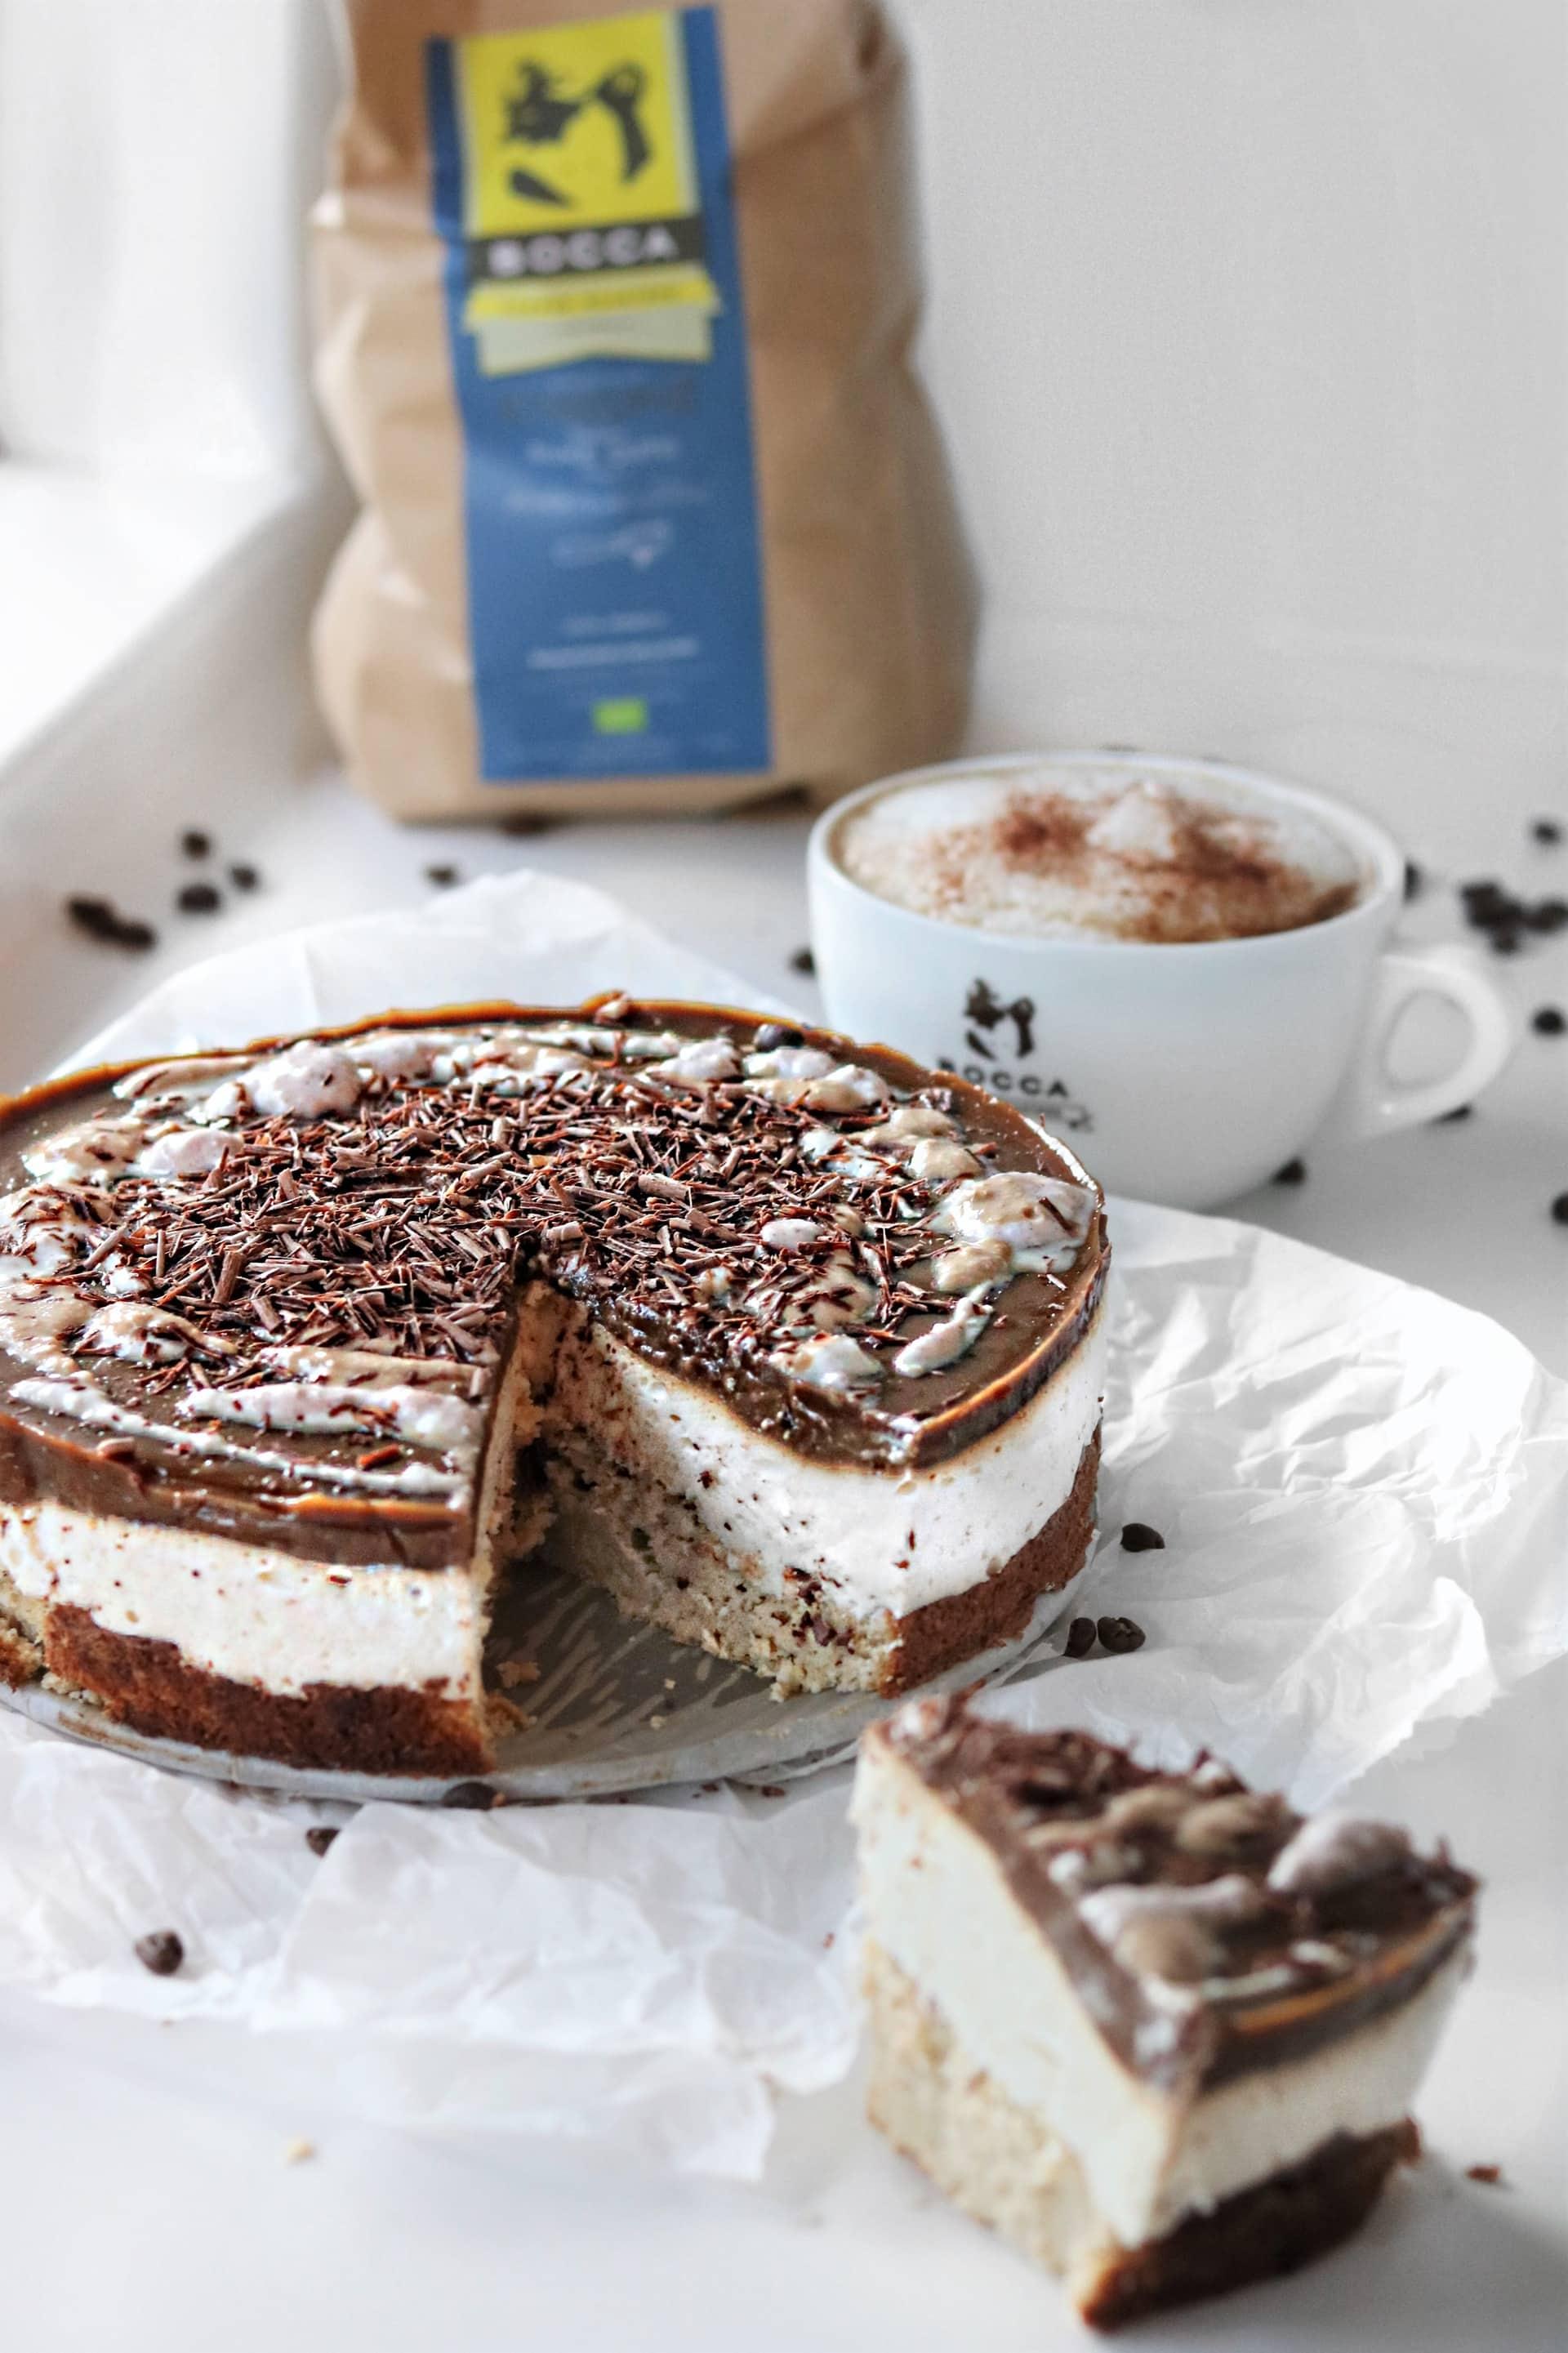 Koffie Cheesecake met een Swirl van Amandelschuim